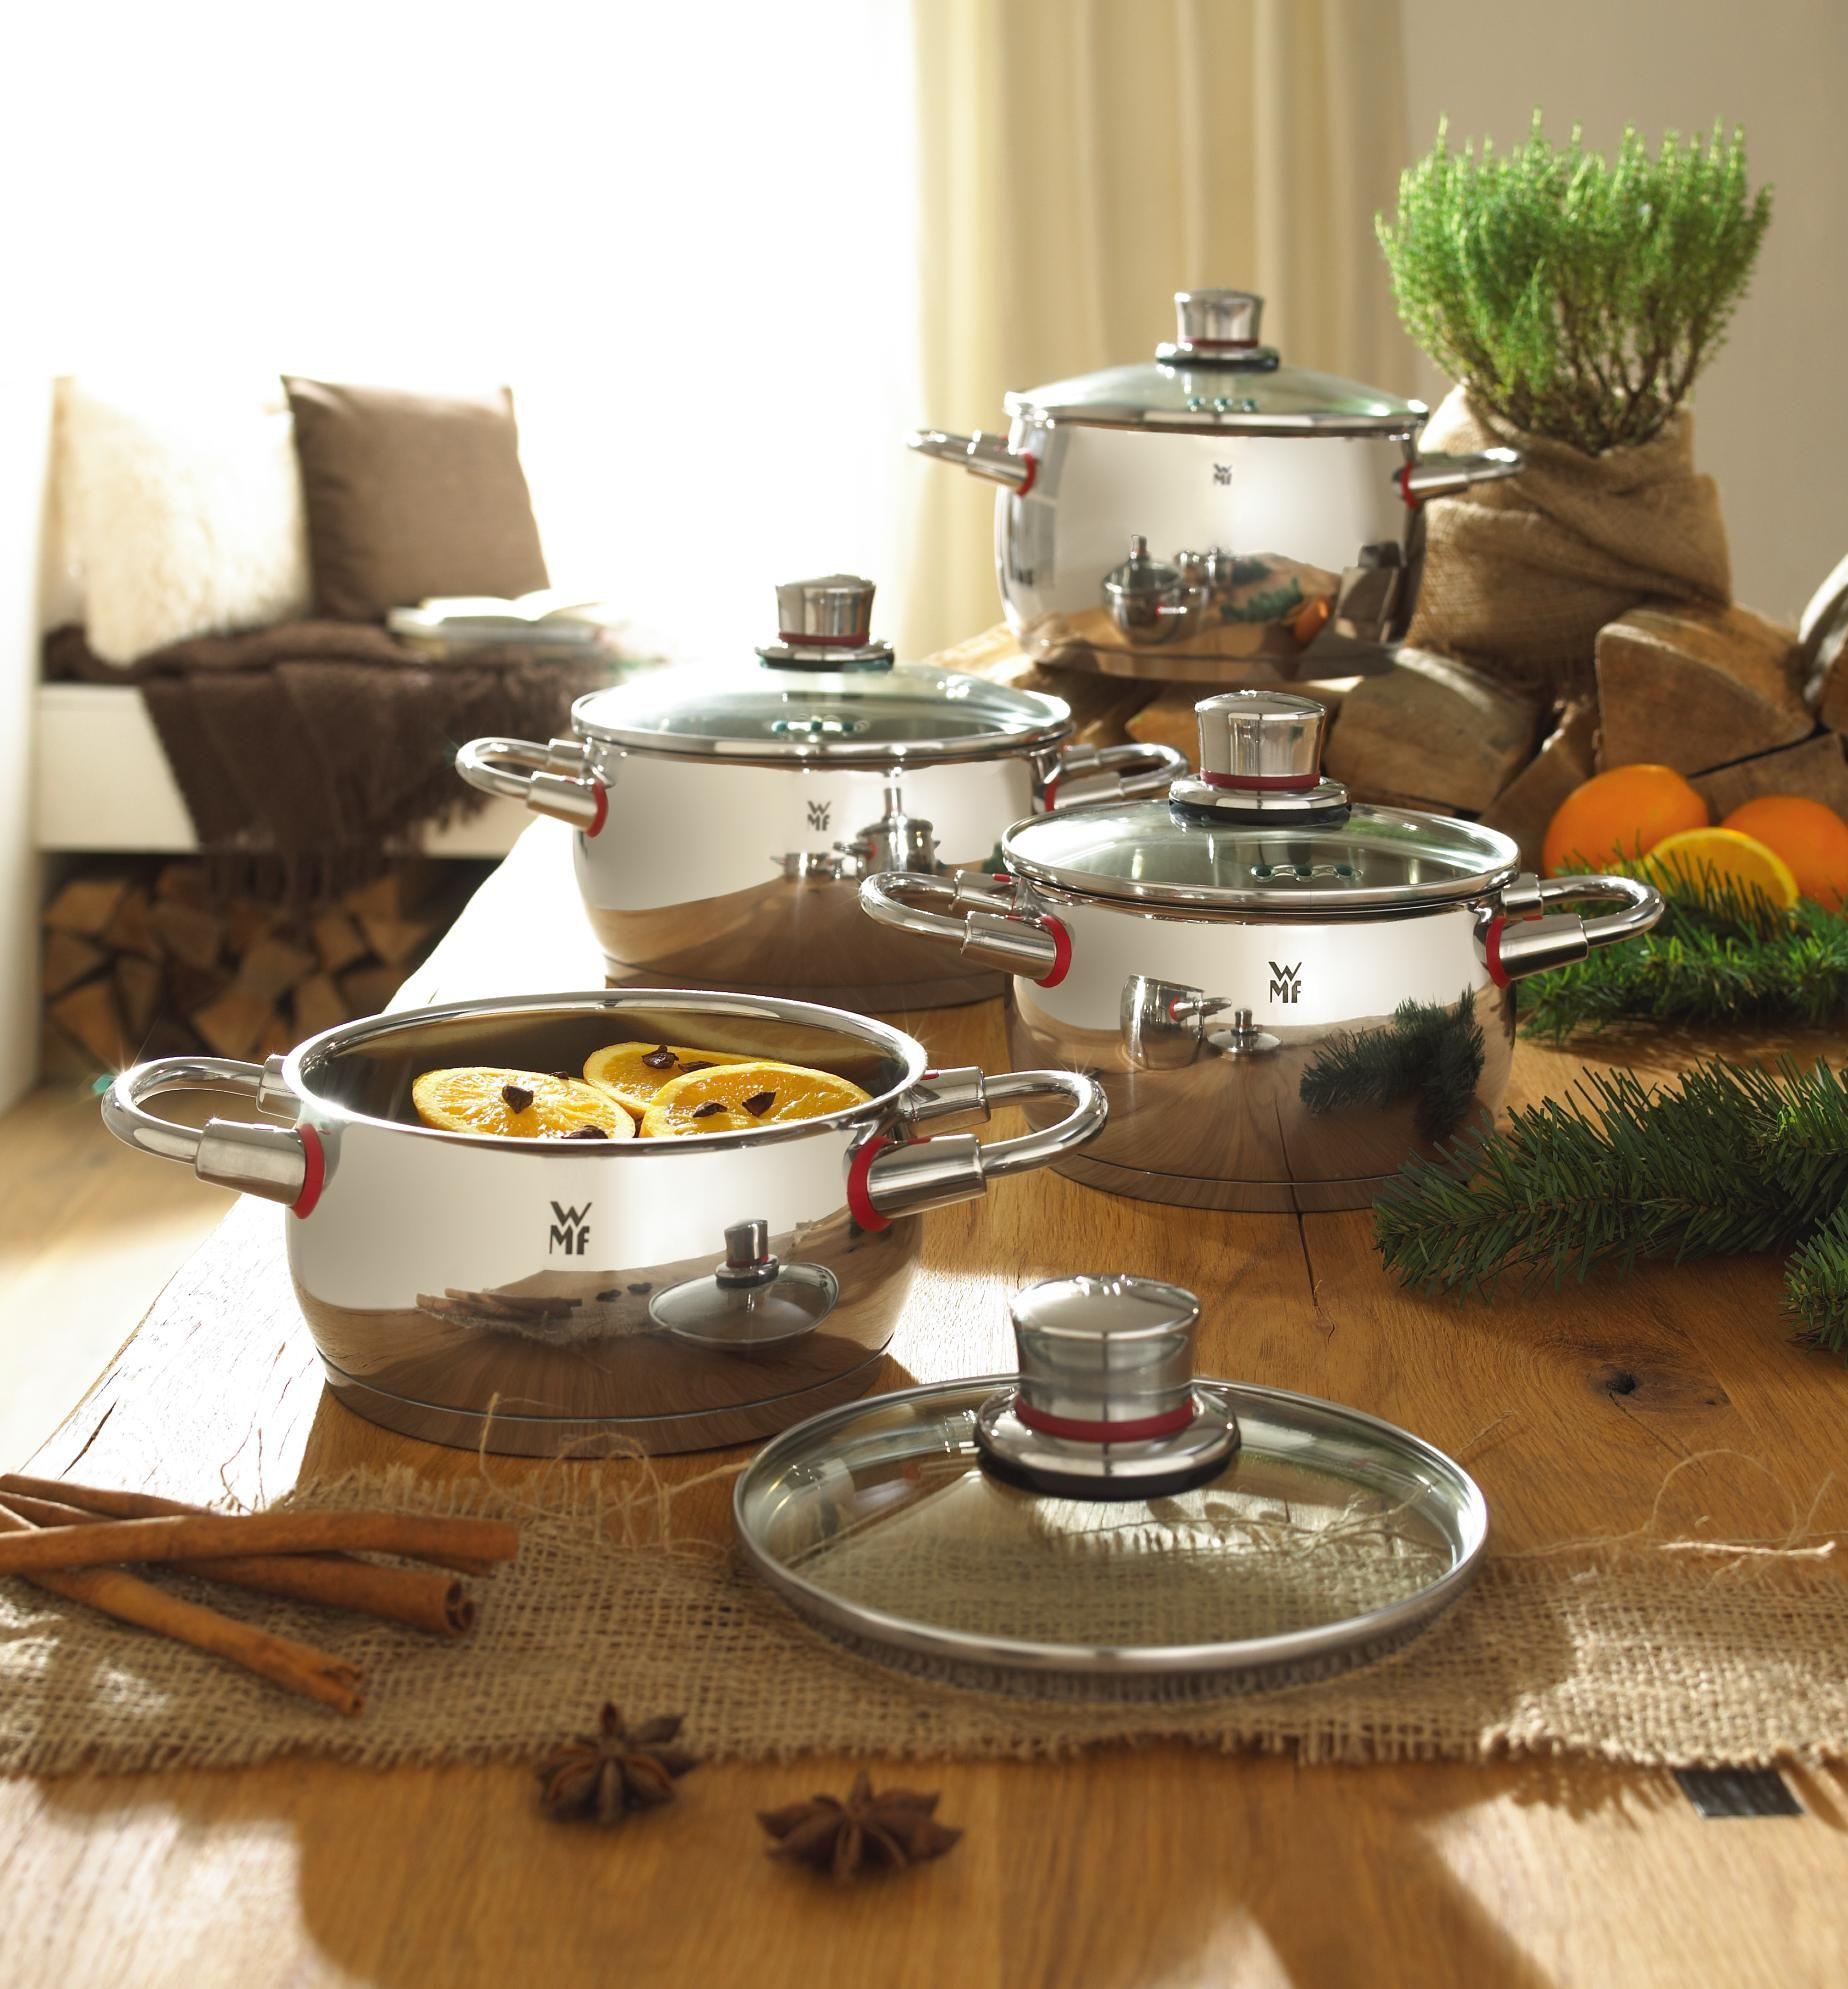 Atemberaubend Calphalon Küche Essentials Ideen - Küche Set Ideen ...